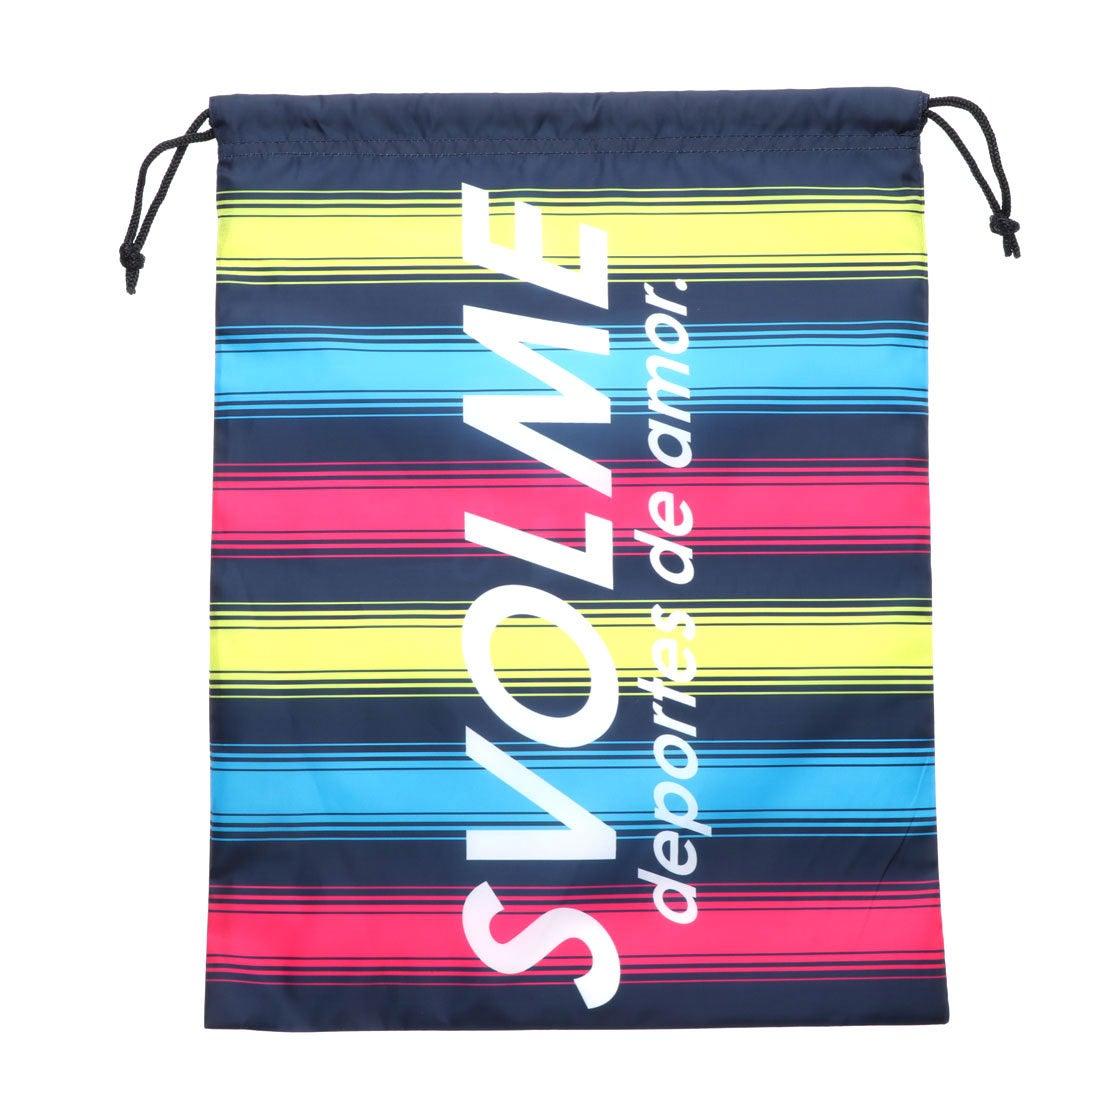 スボルメ SVOLME サッカー フットサル マルチバッグ ボーダーシューズ袋 181-68929